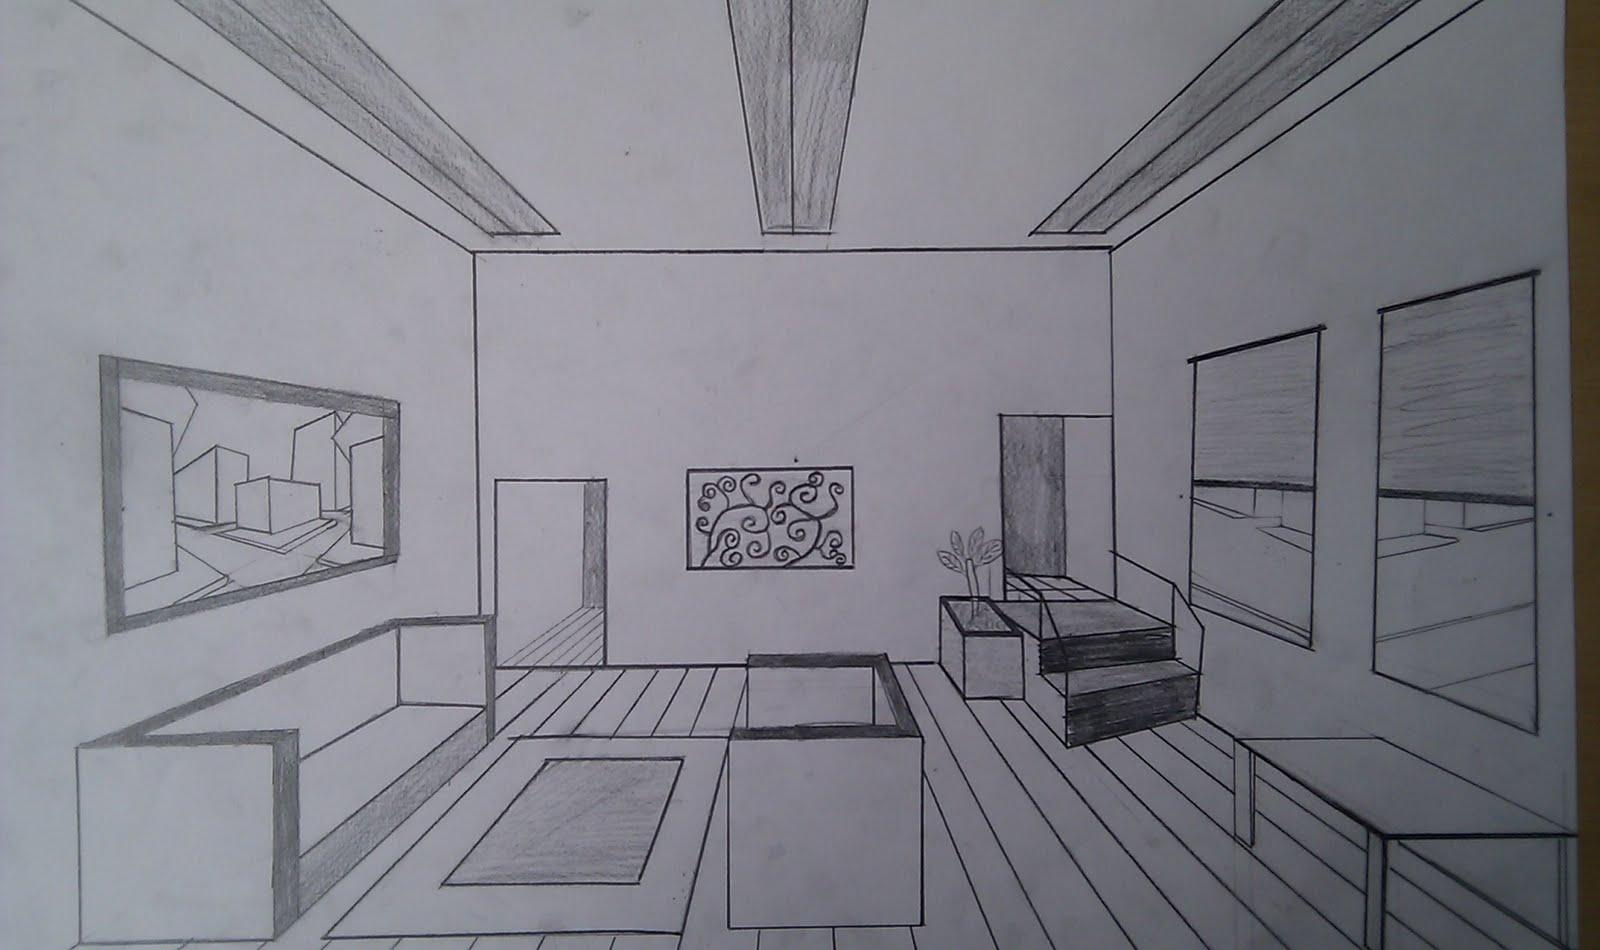 kunstenmakers vmbo 3 een interieur tekenen met 1